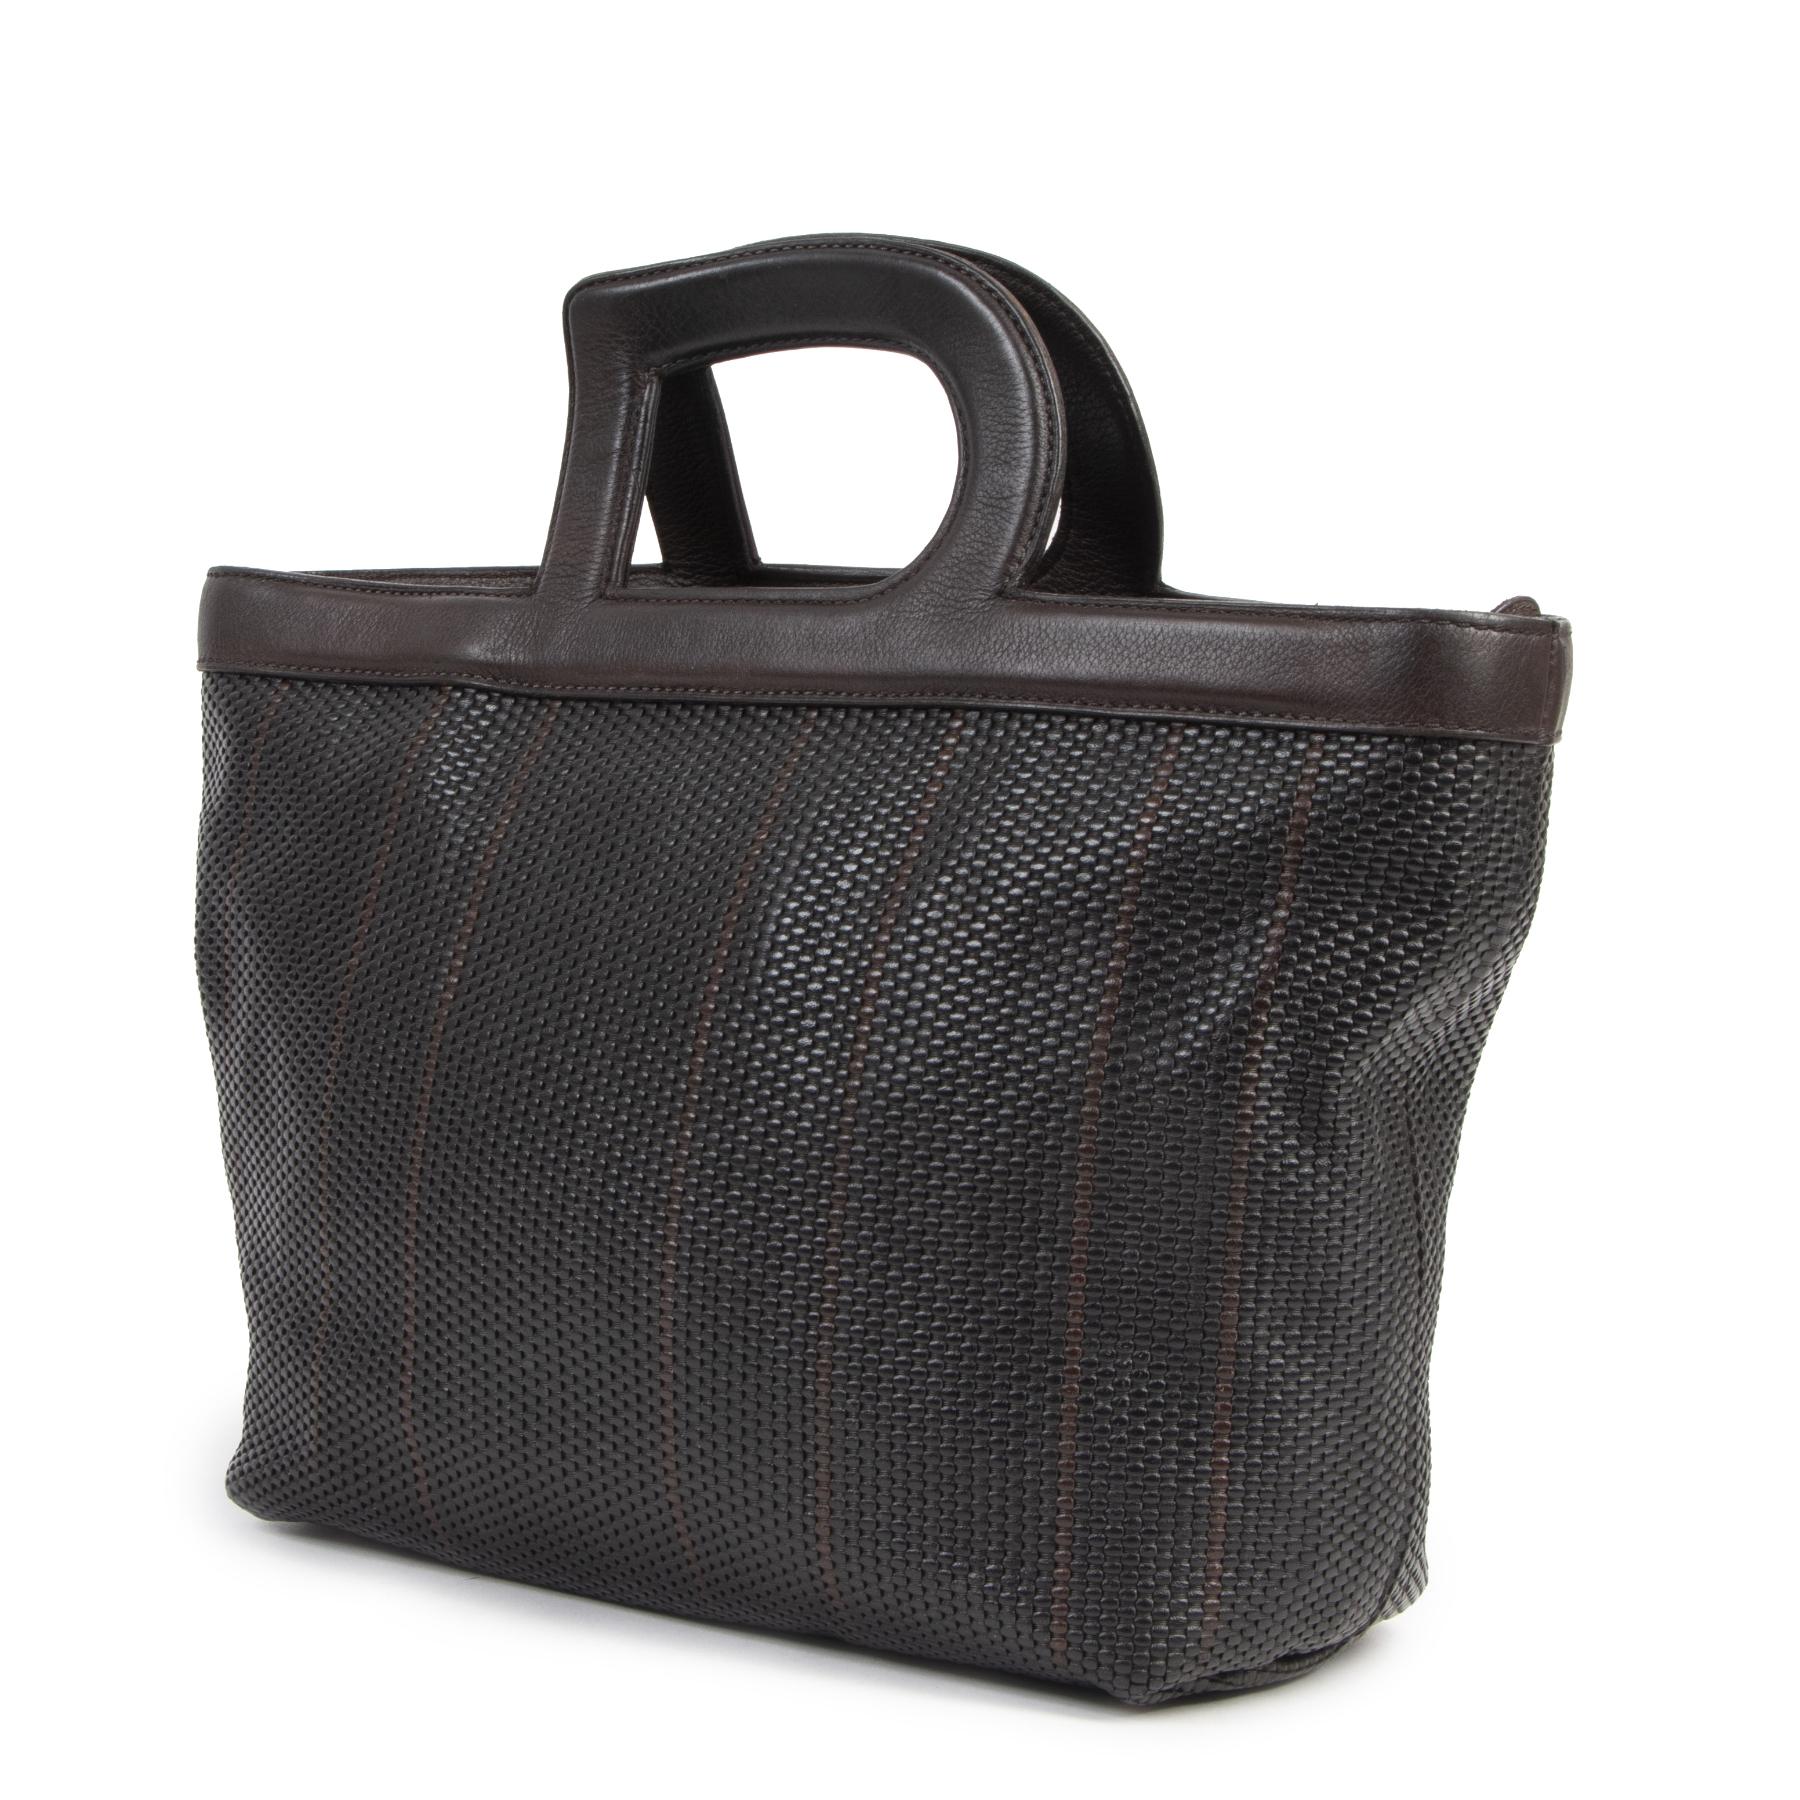 Authentique seconde-main vintage Delvaux Toile De Cuir Hand Bag achète en ligne webshop LabelLOV